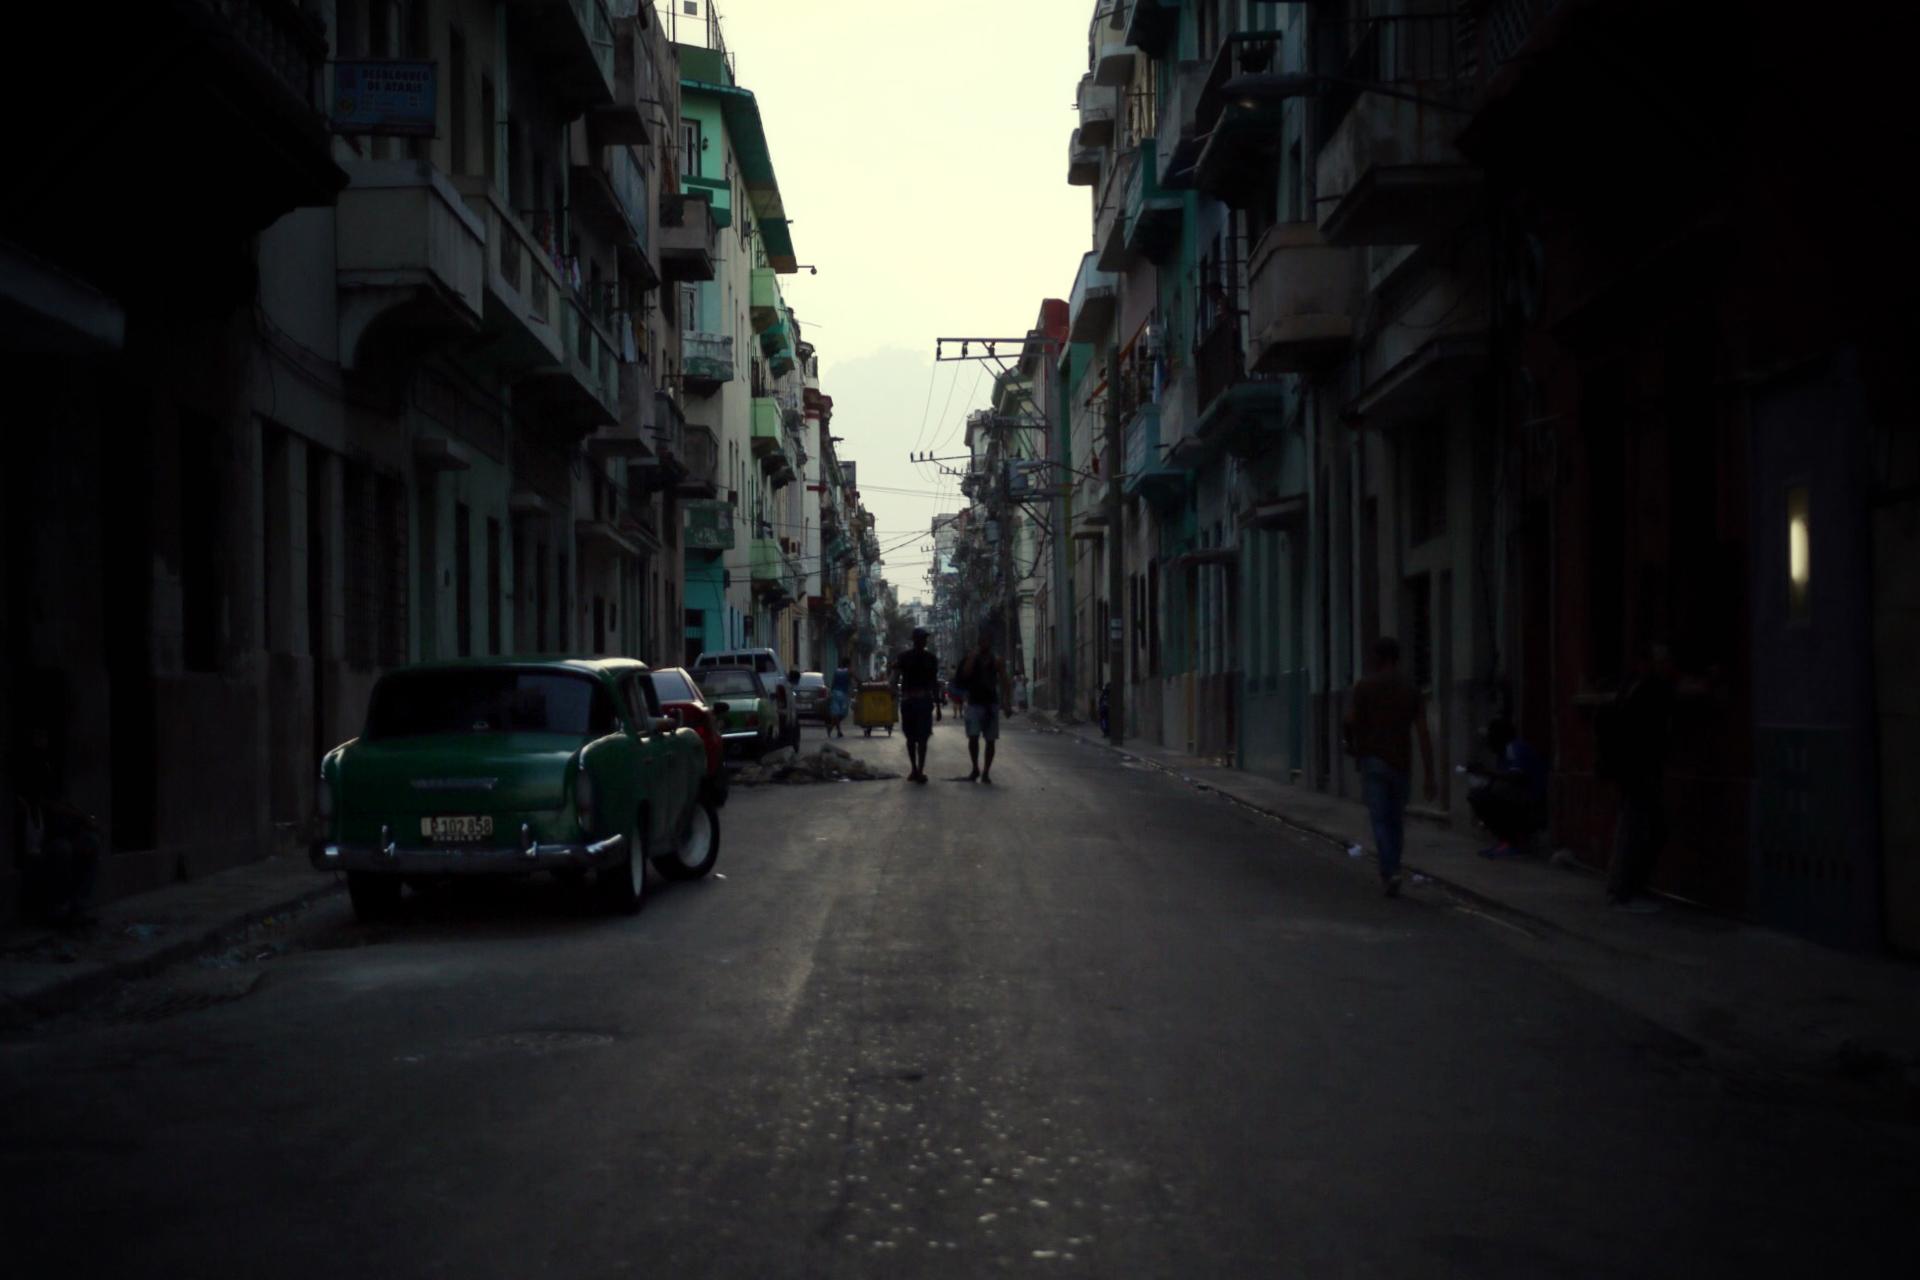 La Habana  © 2018   120 x 80 cm Edición de tres + 1 PA Impresión de archivo (2018)